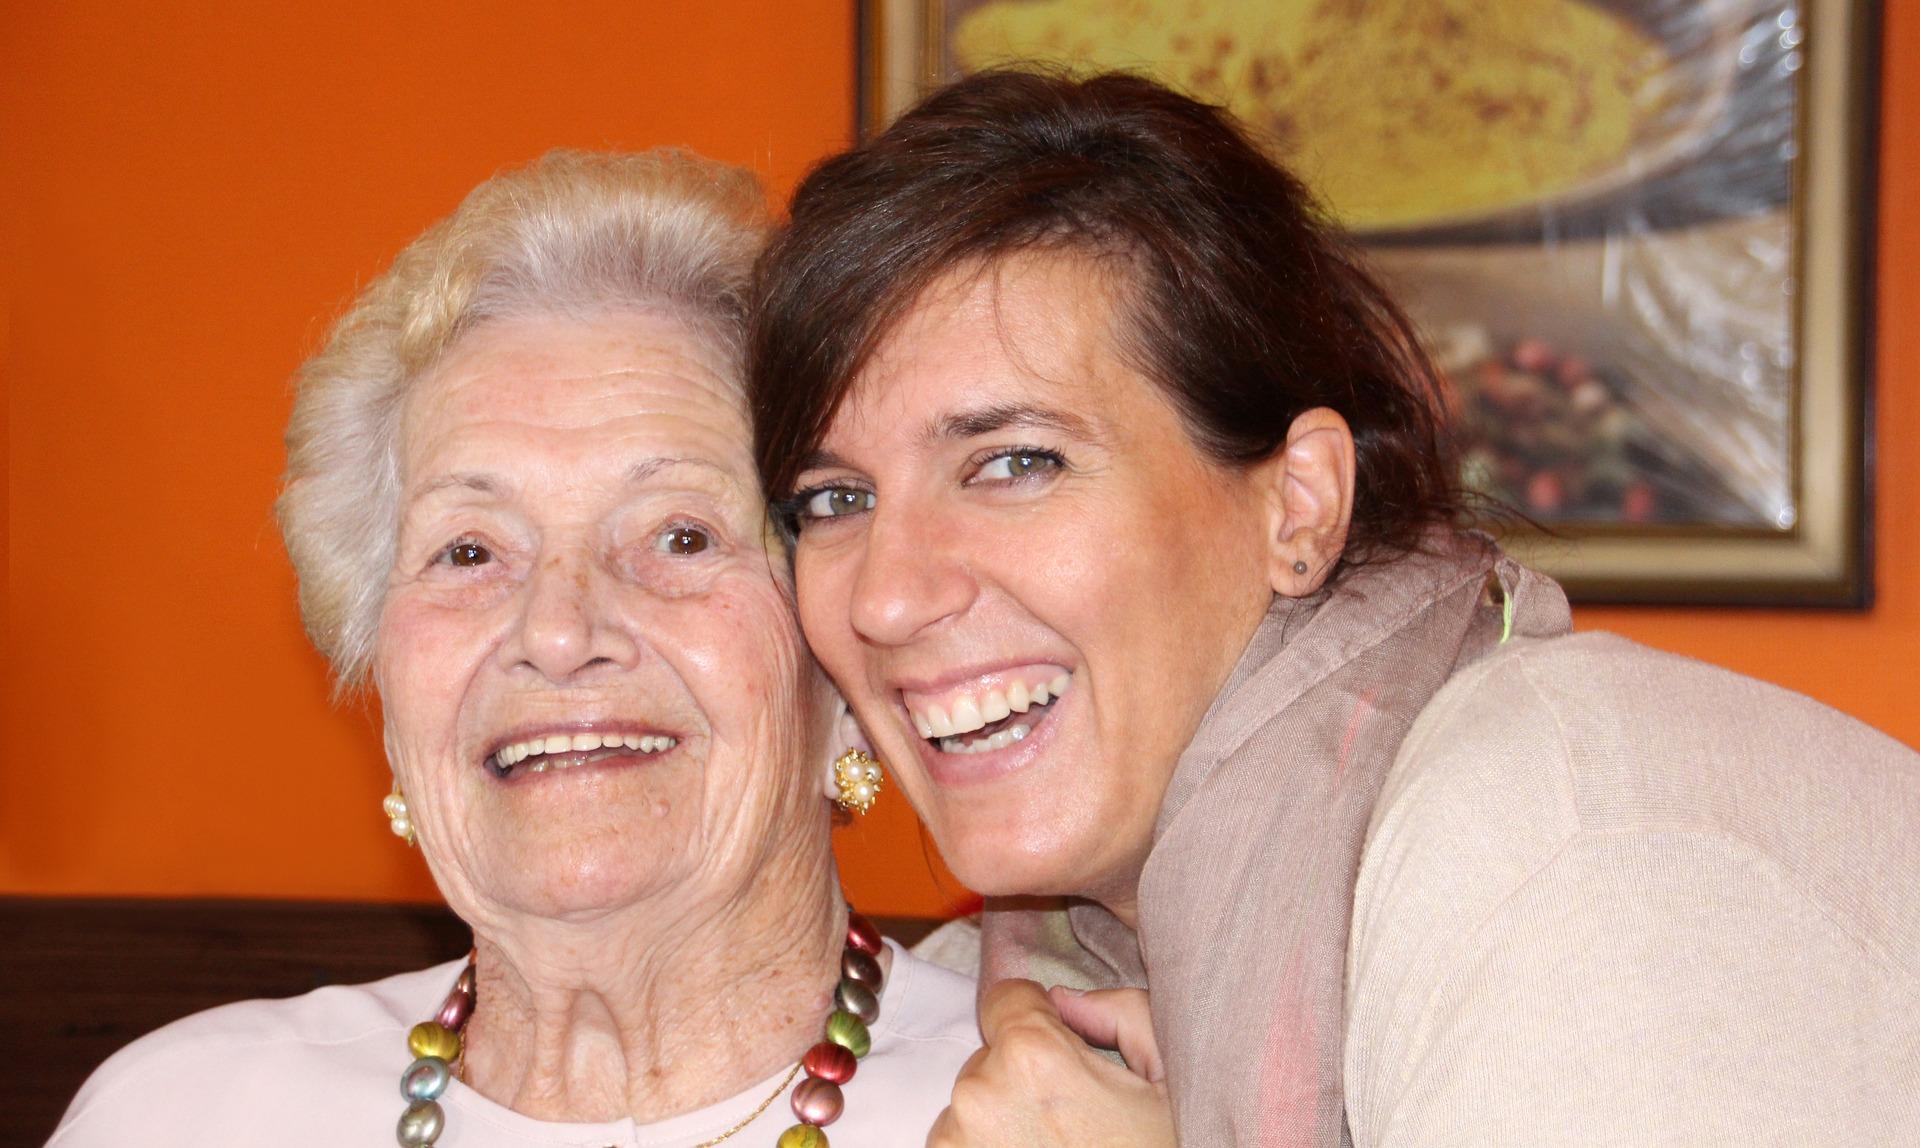 Senioren Online - Seniorentreff ist auch für die Famile